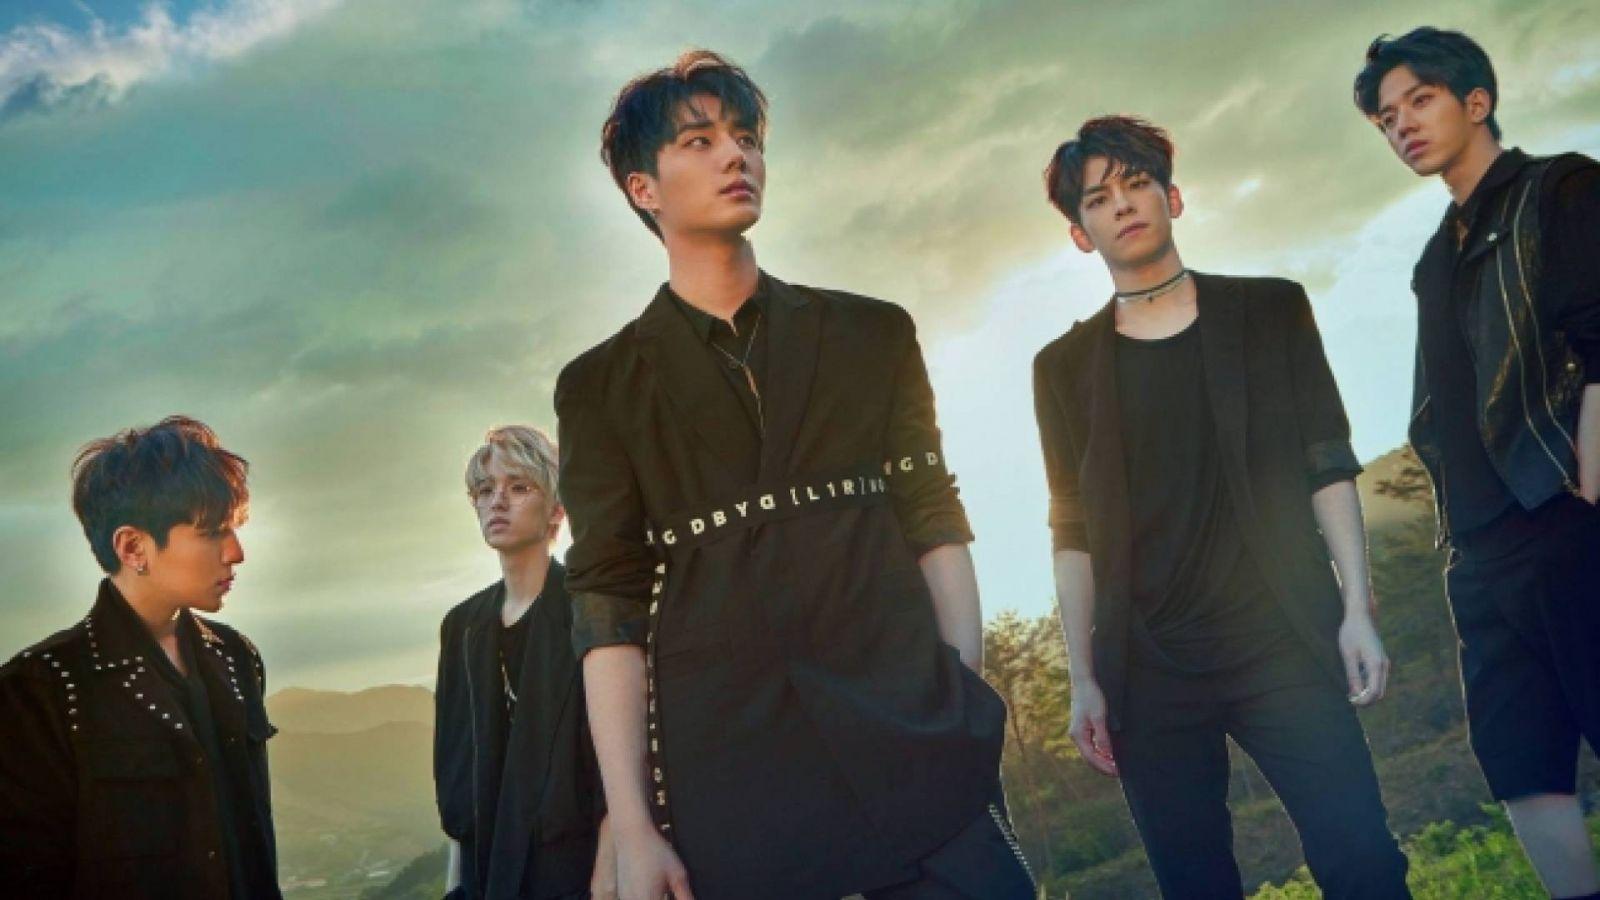 Day6 julkaisi ensimmäisen täysimittaisen albuminsa © JYP Entertainment. All Rights Reserved.